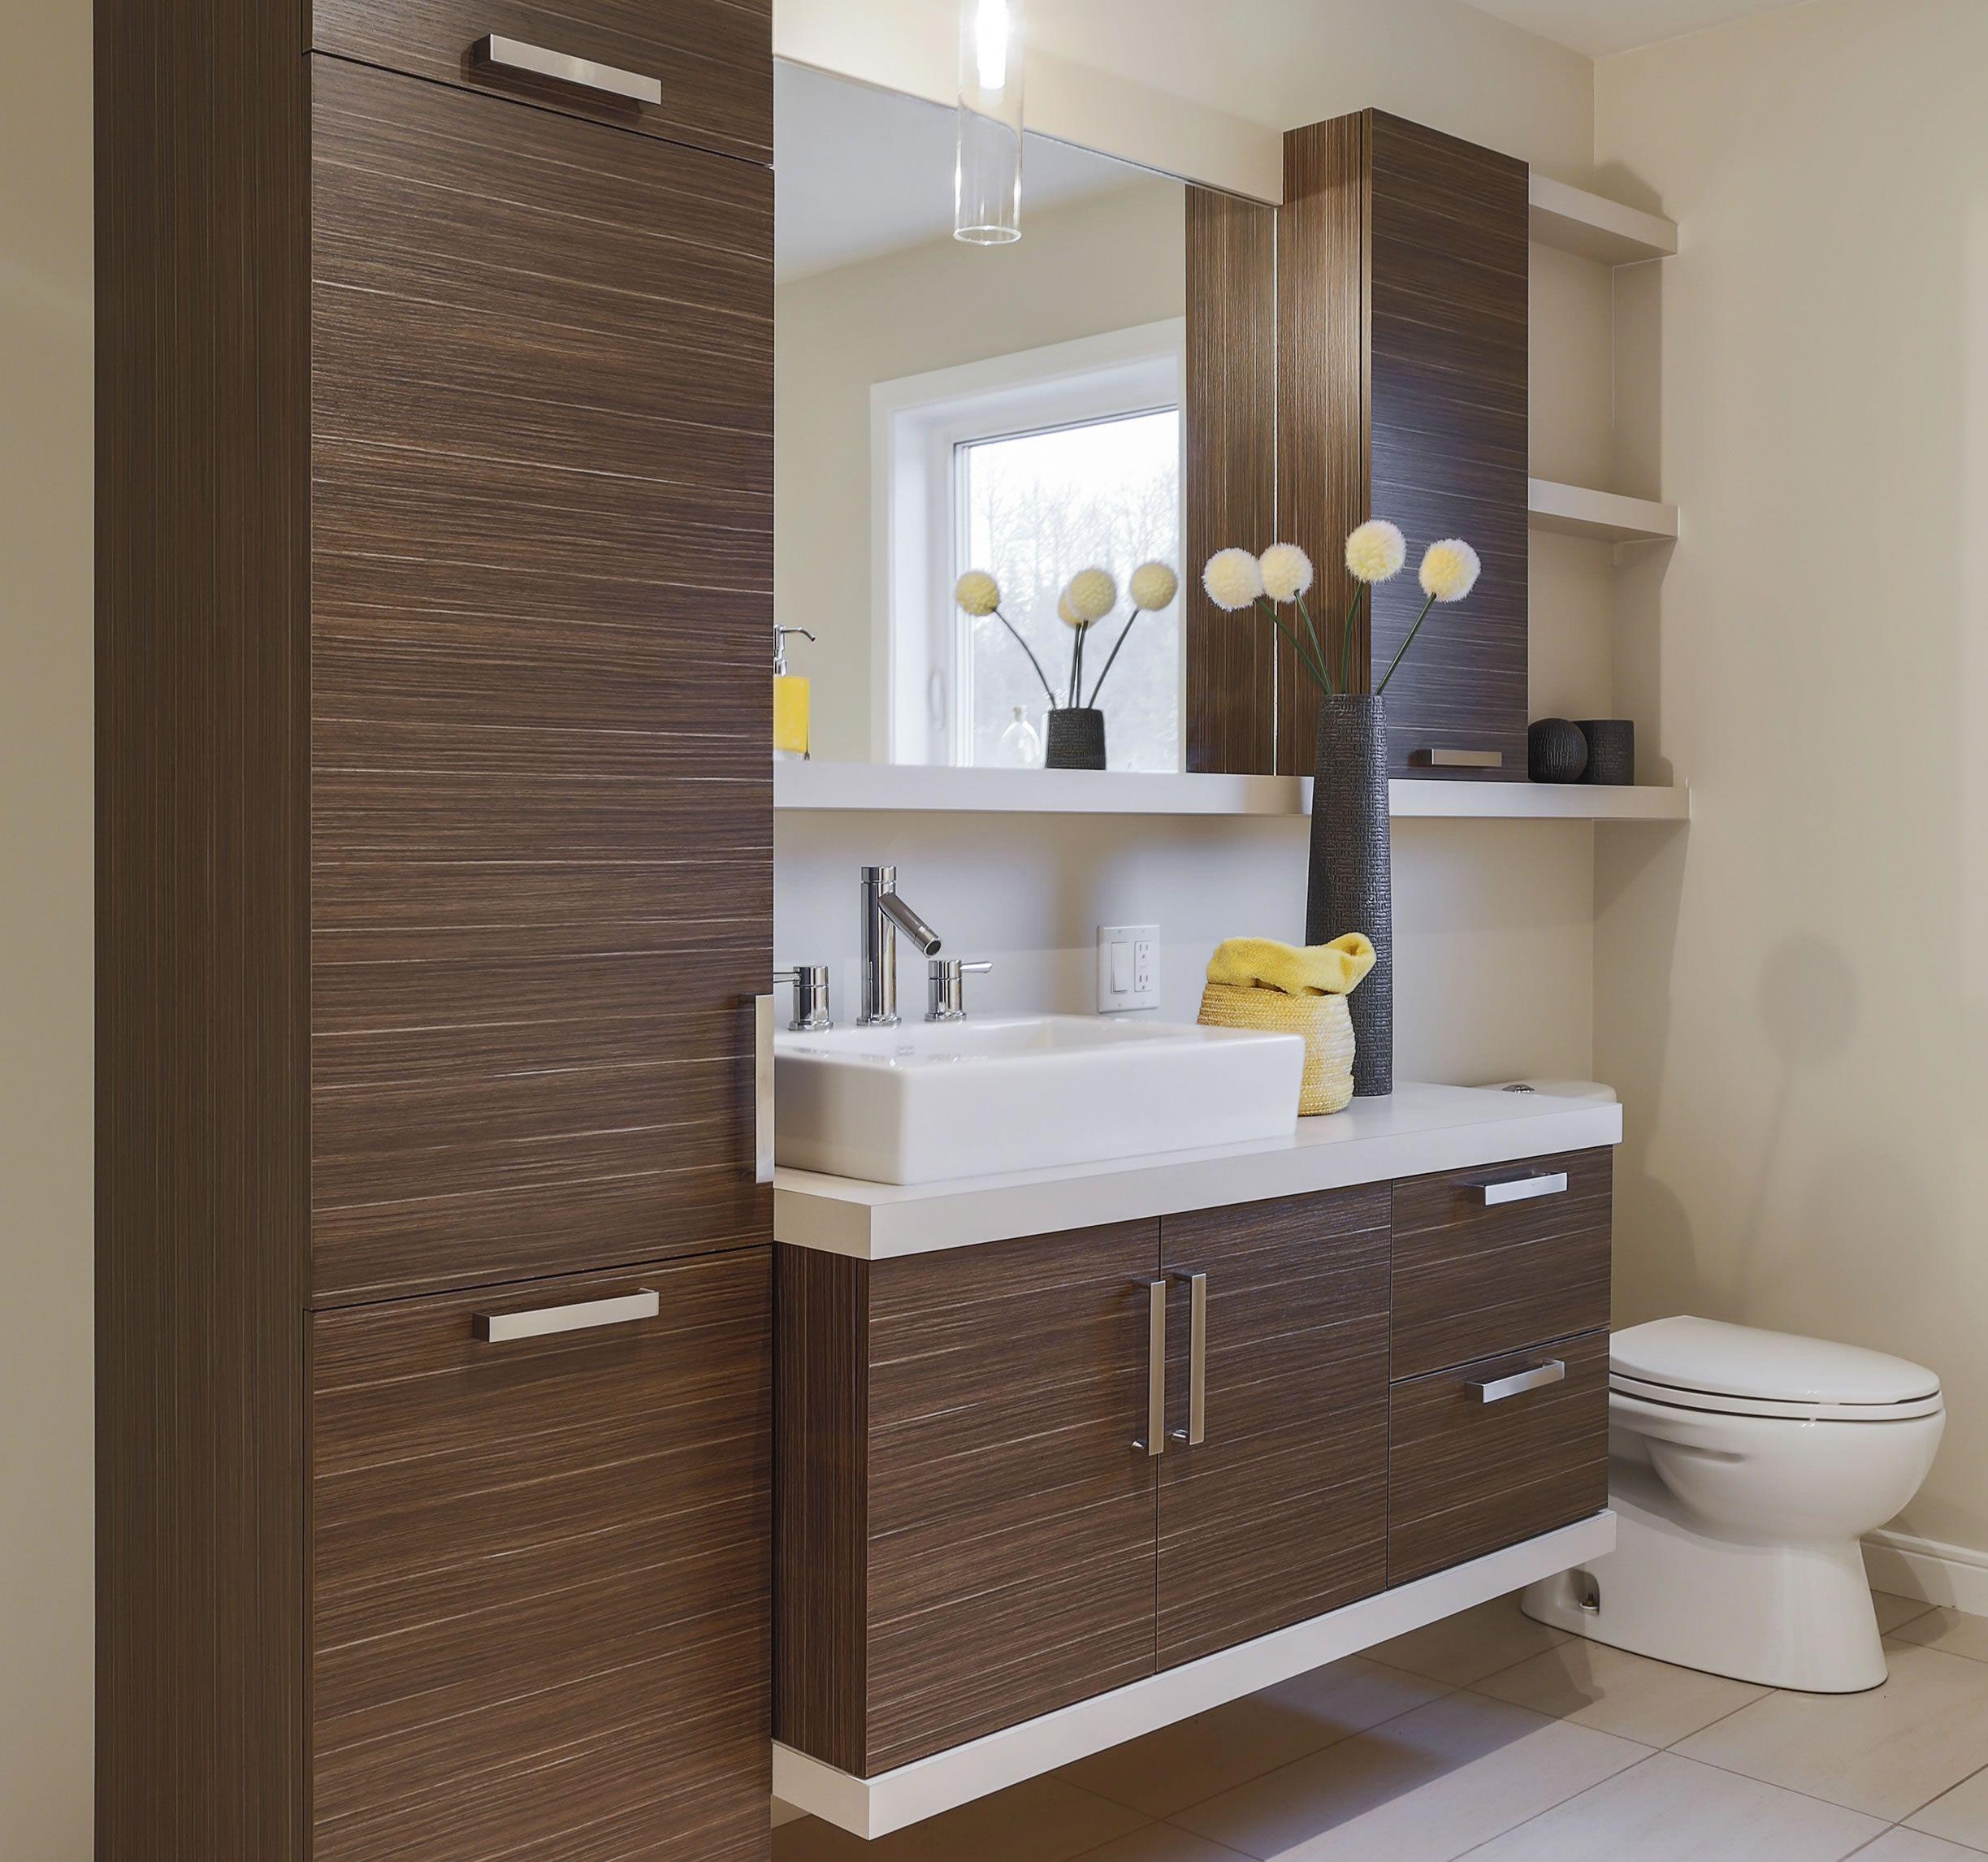 Inspirez vous conception et fabrication d 39 armoires de cuisine et de meubles de salle de bain - Armoire de salle de bain ...